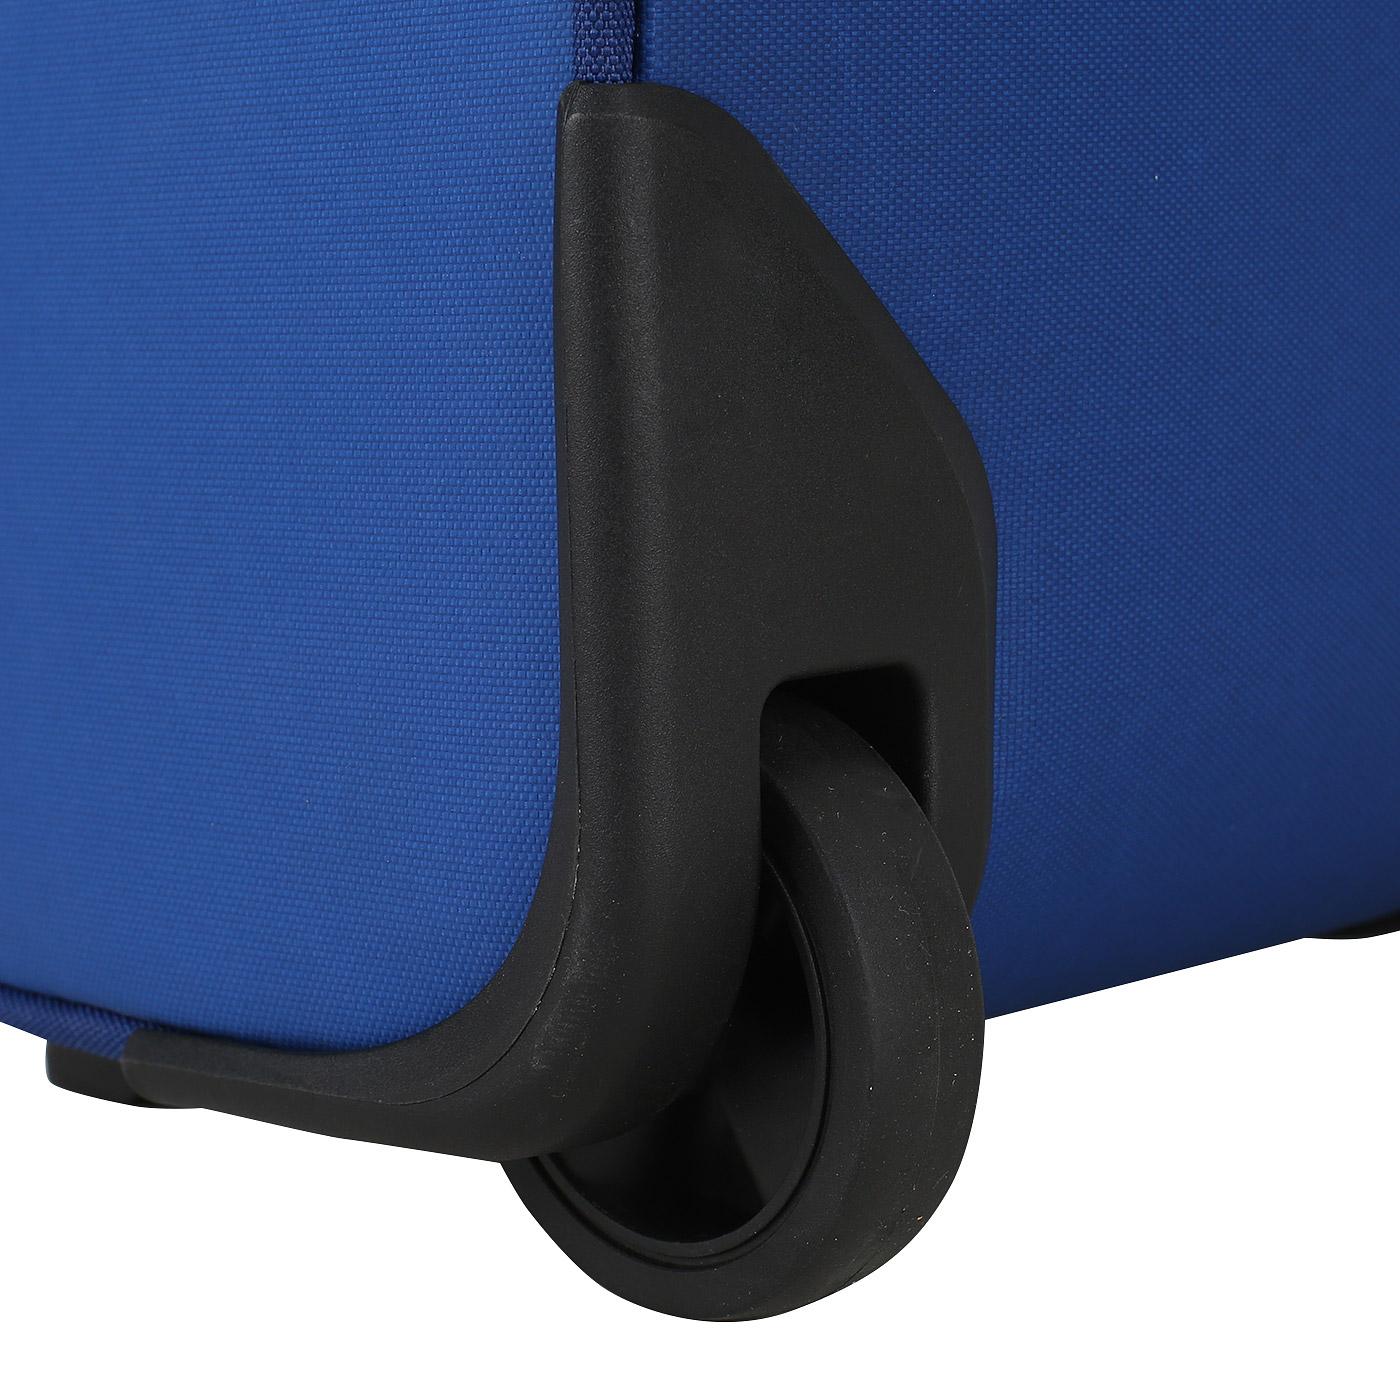 Чемодан для ручной клади тканевый с кодовым замком American Tourister  Instago ... afe0c0c265b